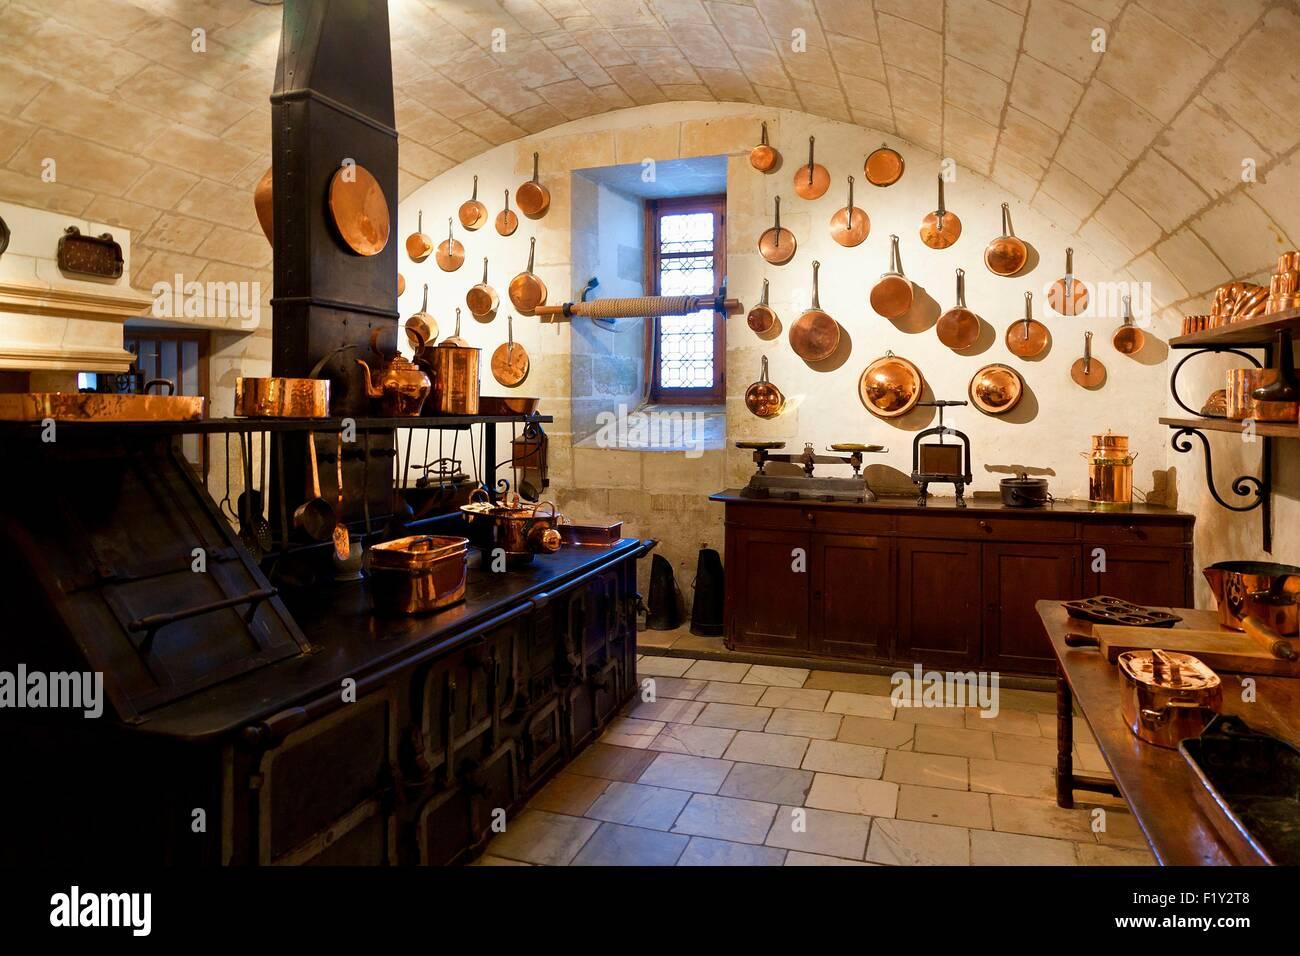 France, Indre et Loire, Chenonceau Castle, kitchens - Stock Image